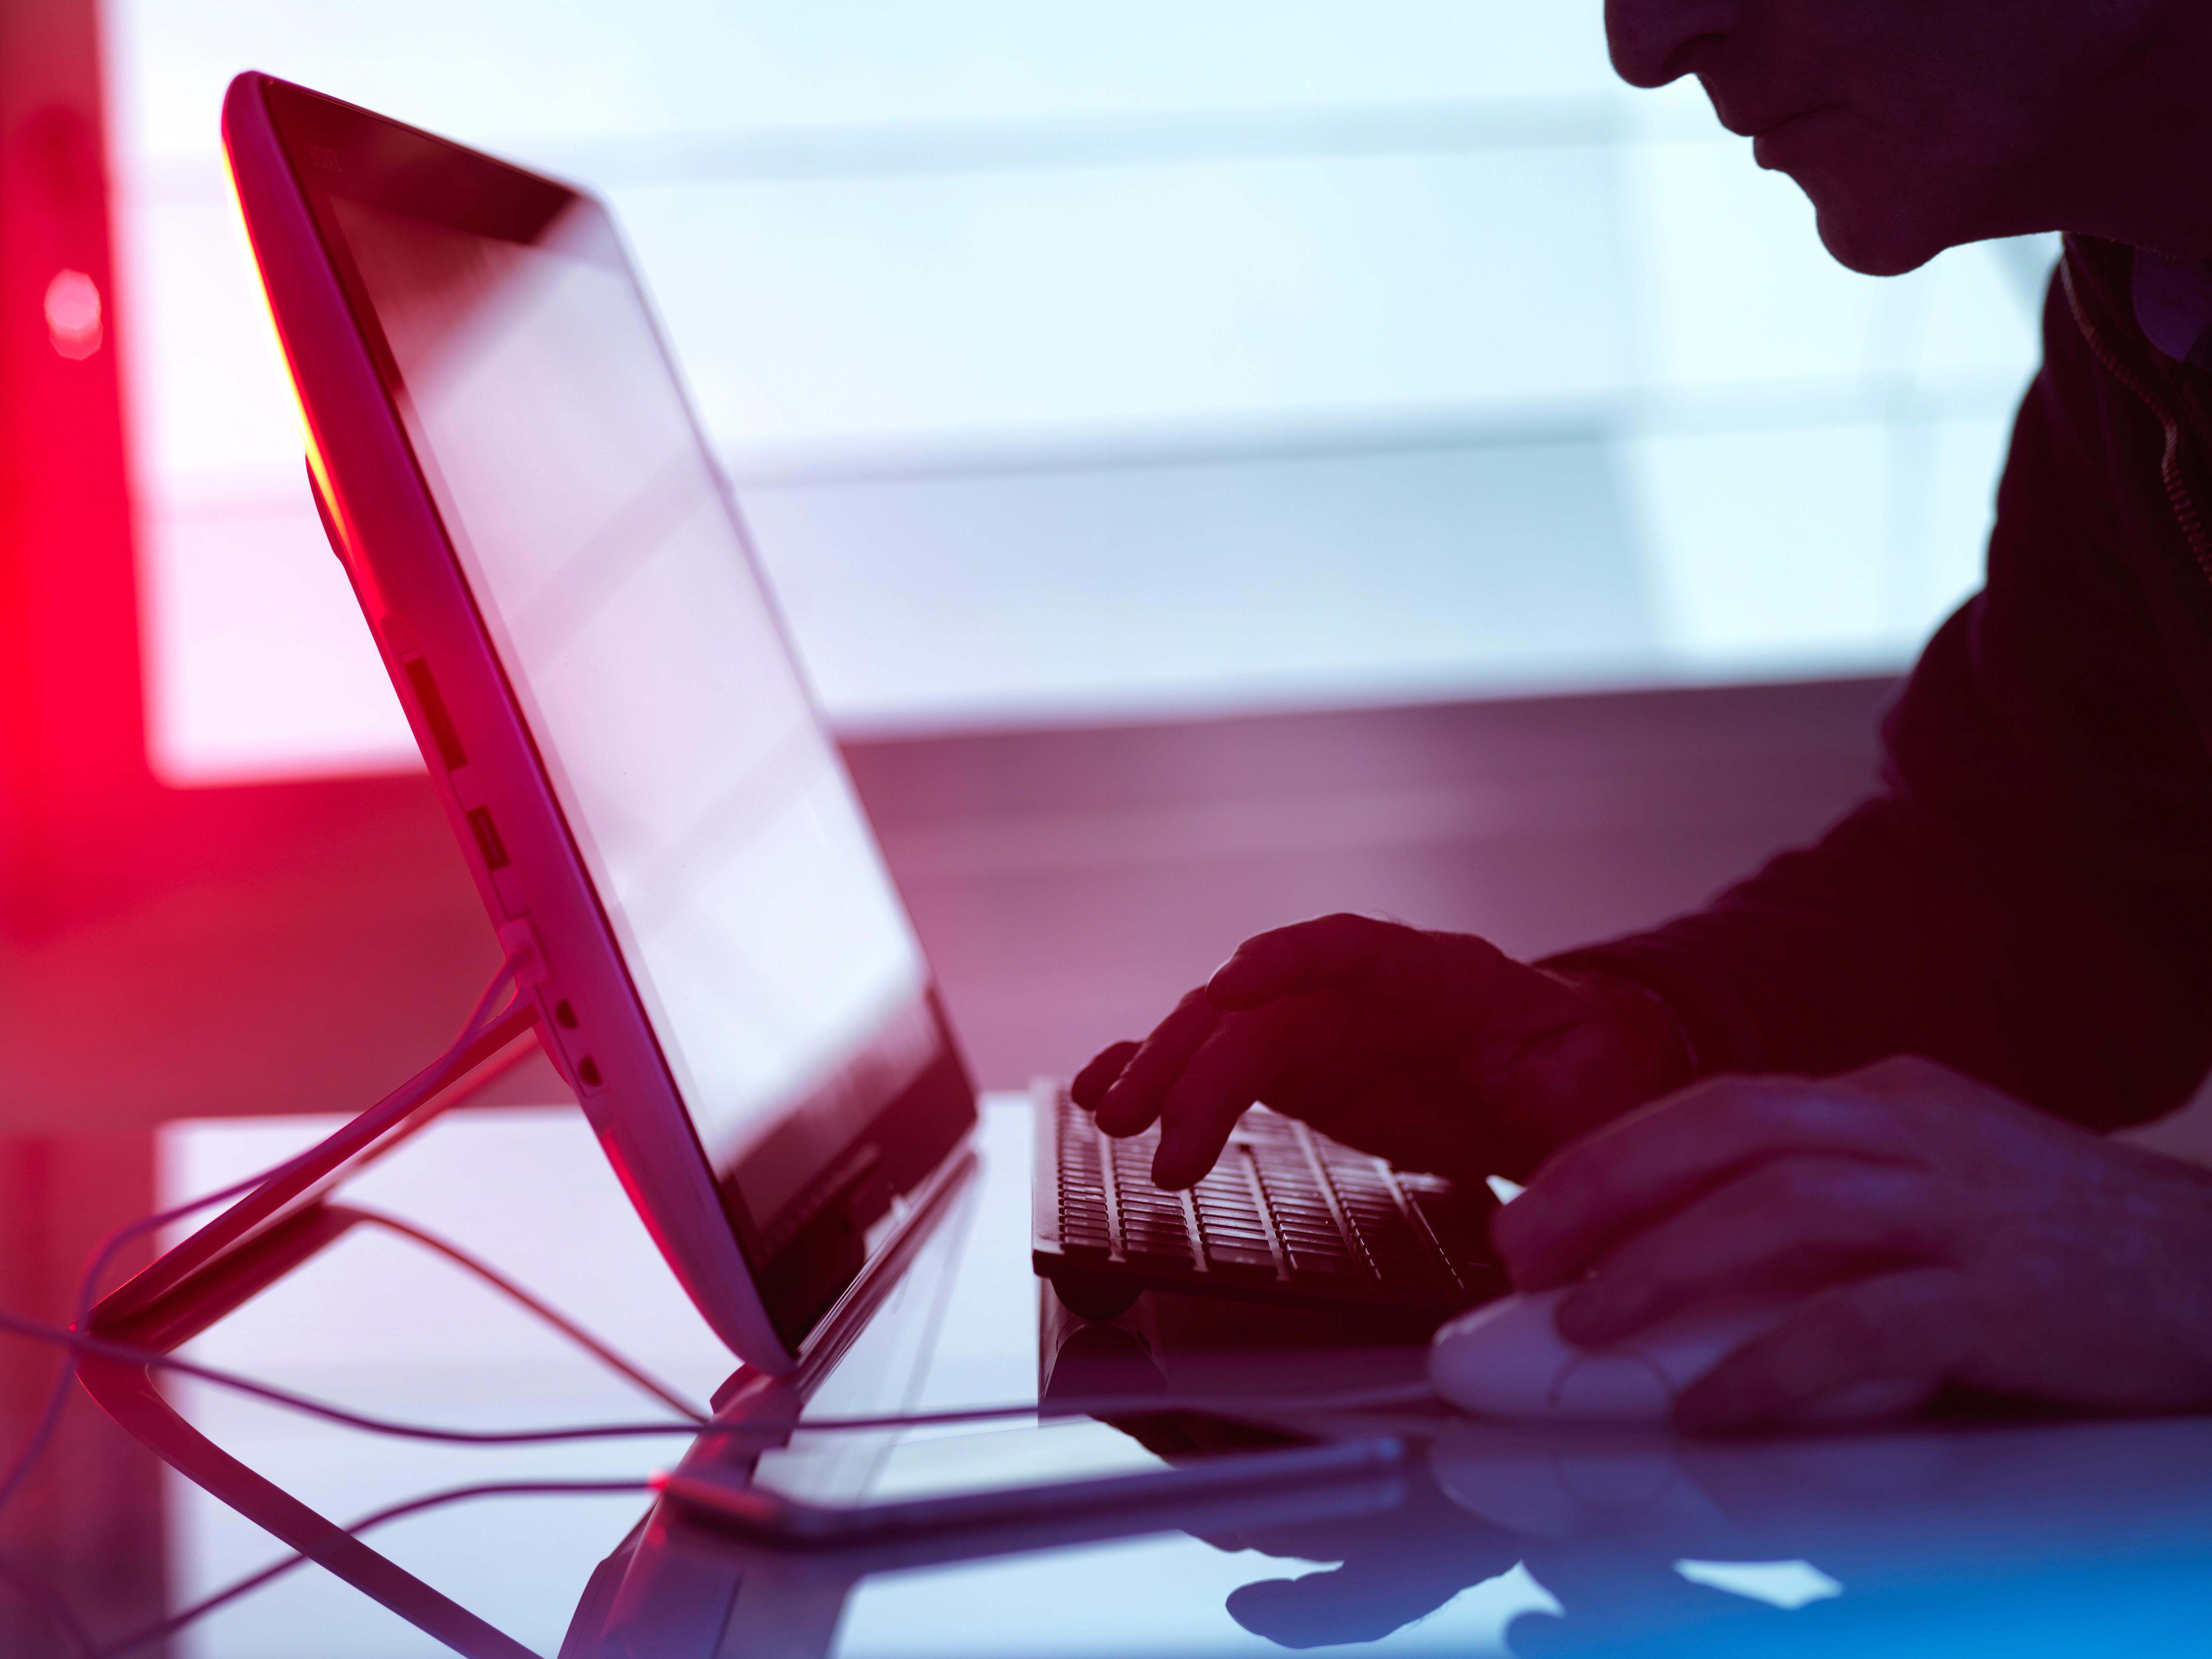 المتسللين يتجهون بشكل متزايد إلى البريد الإلكتروني الحيل الابتزاز (الأسهم)